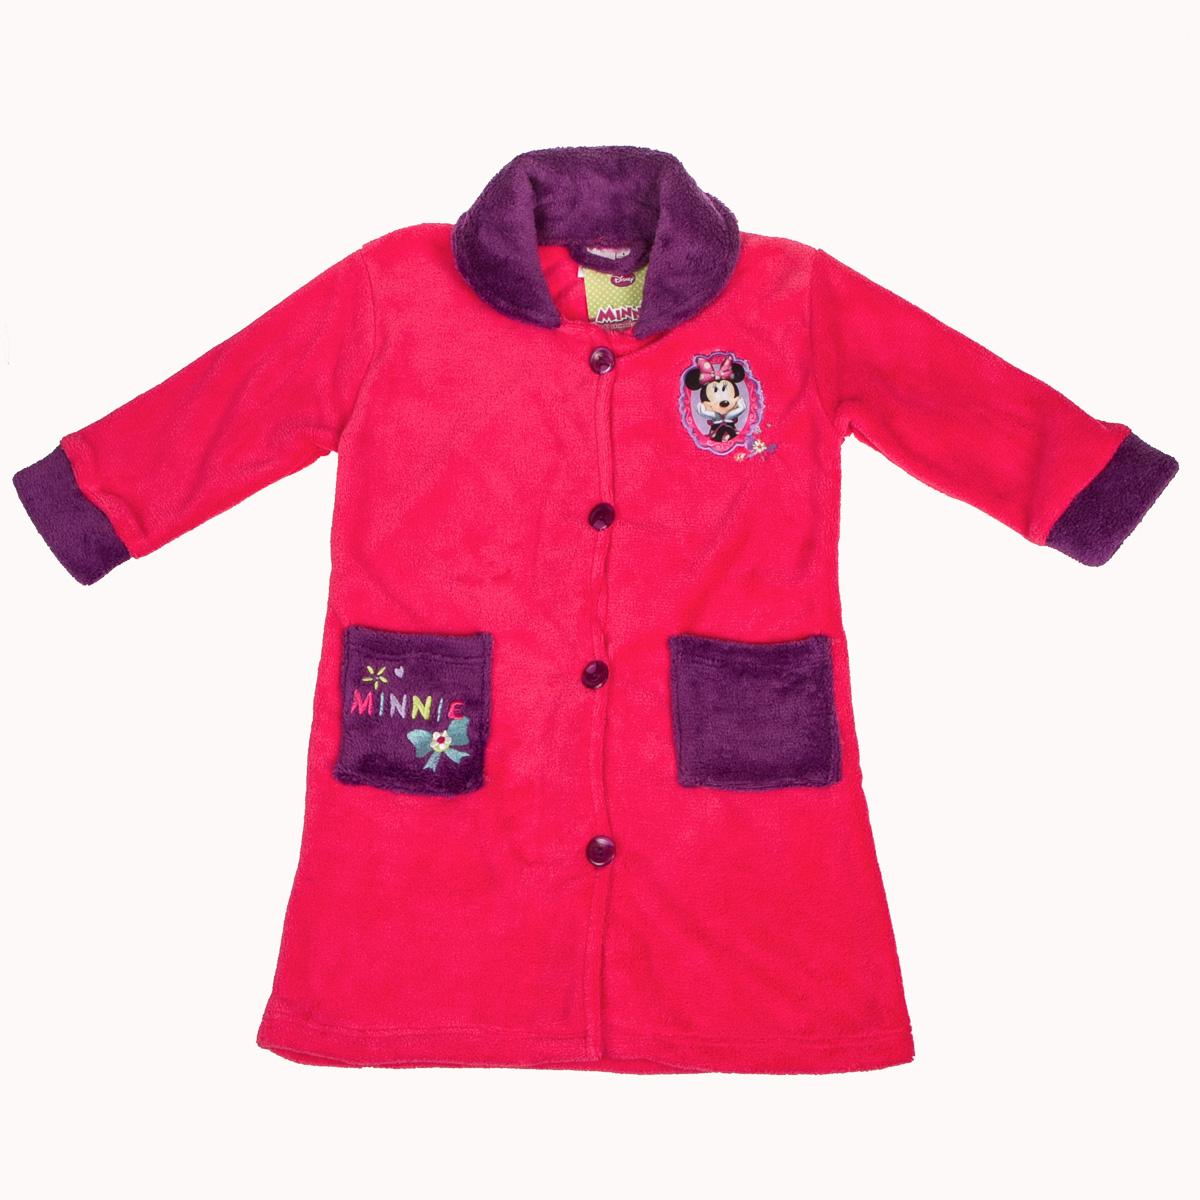 73b49b45db95 Disney Župan Minnie - tmavo ružový